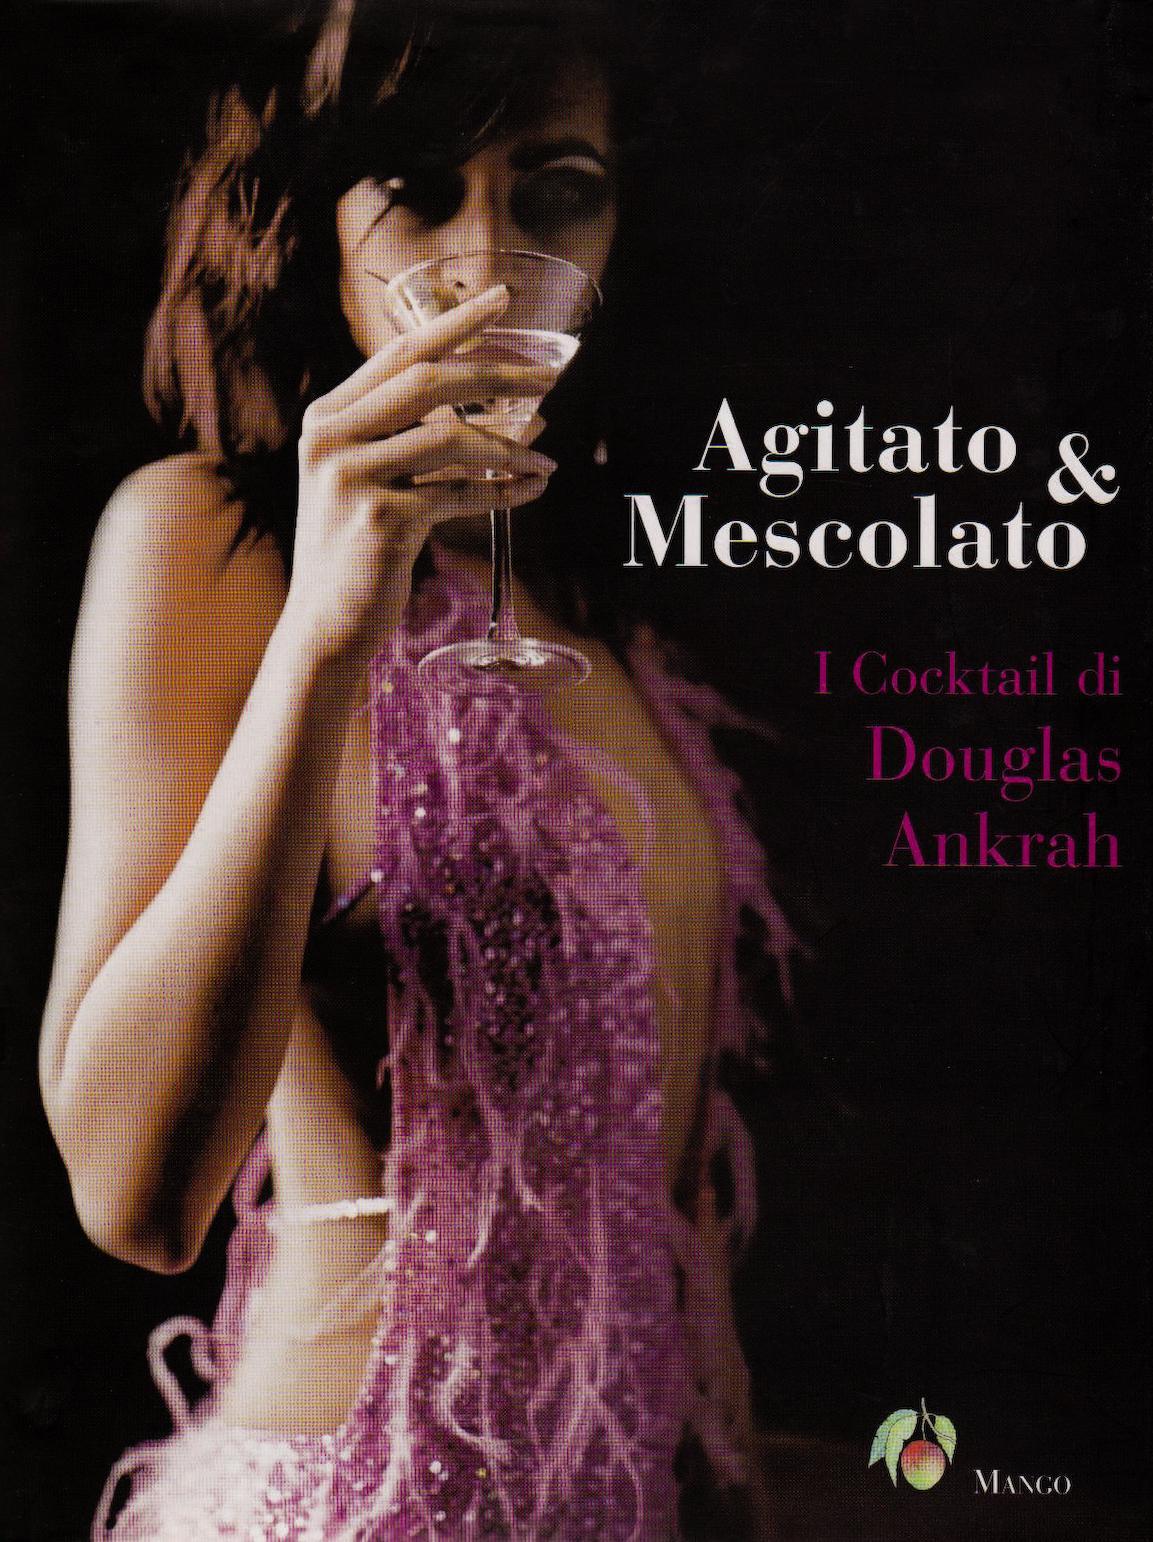 Agitato and mescolato